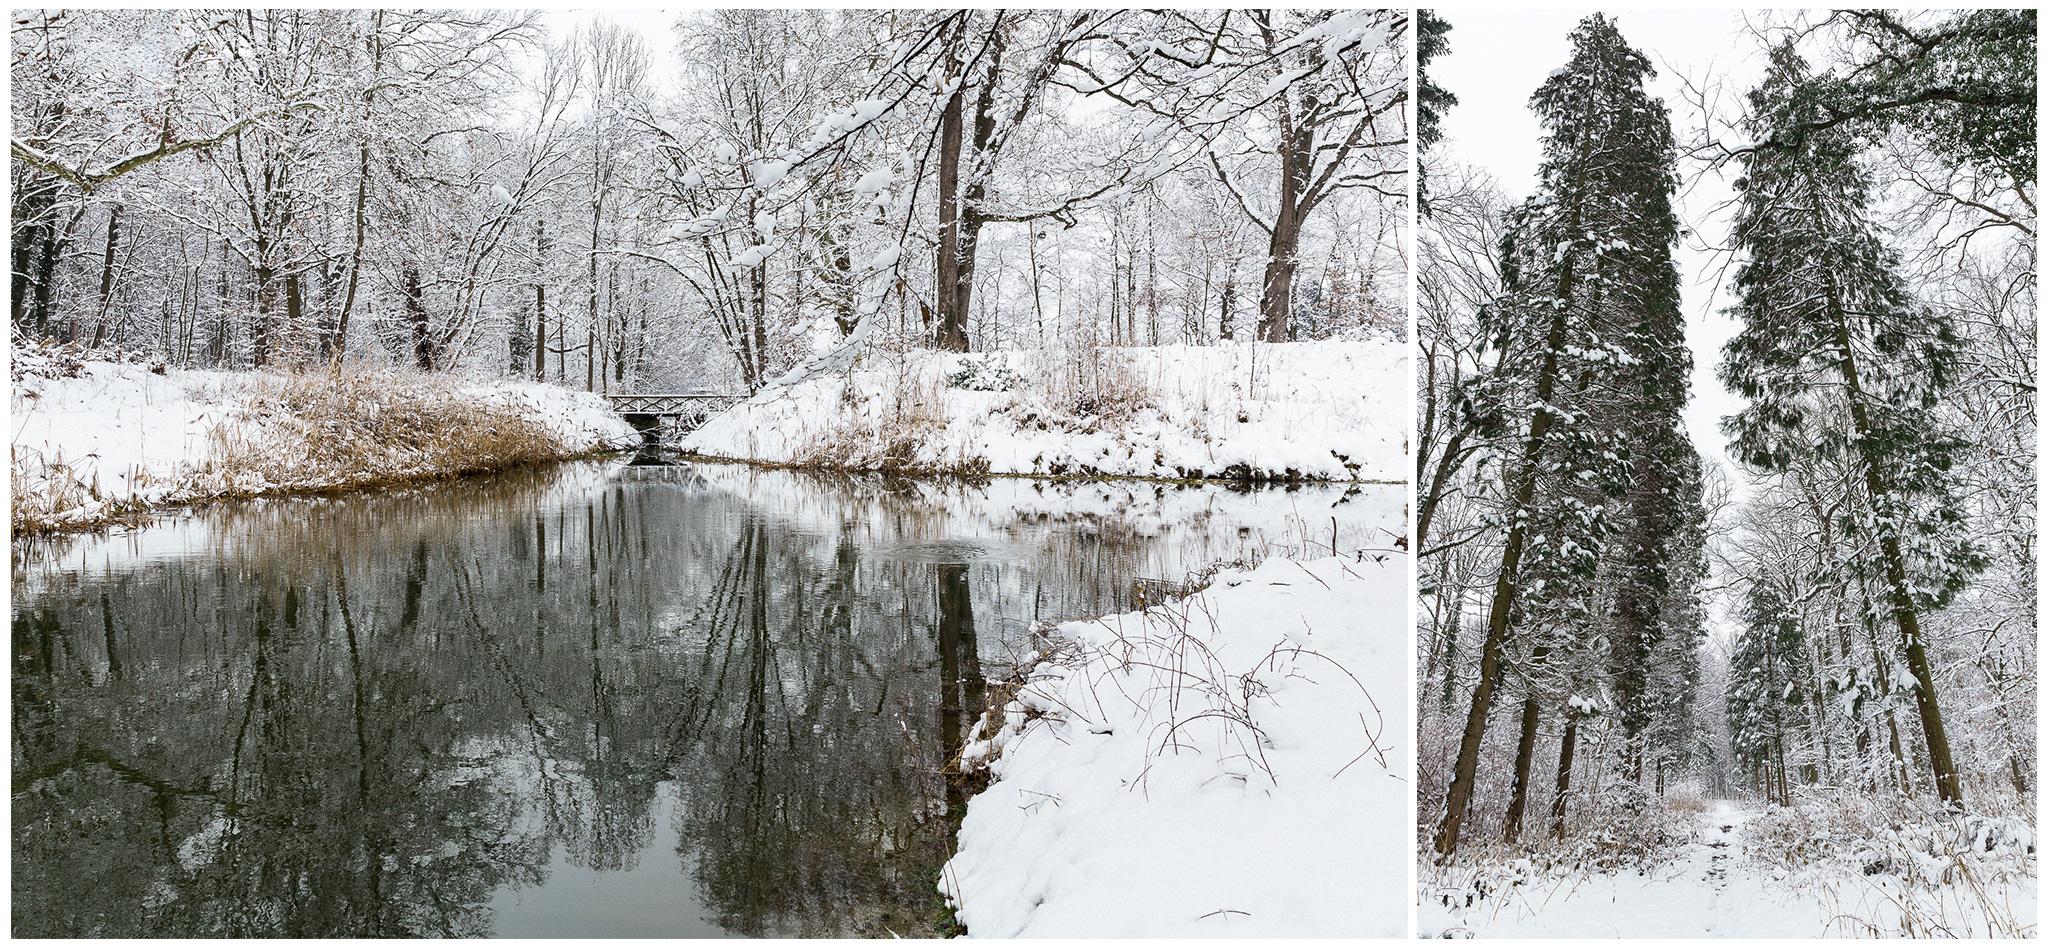 Körmend,Várkert,tél,2018,Fülöp Péter, fylepphoto, Vasmegye, Dunántúl_005.jpg